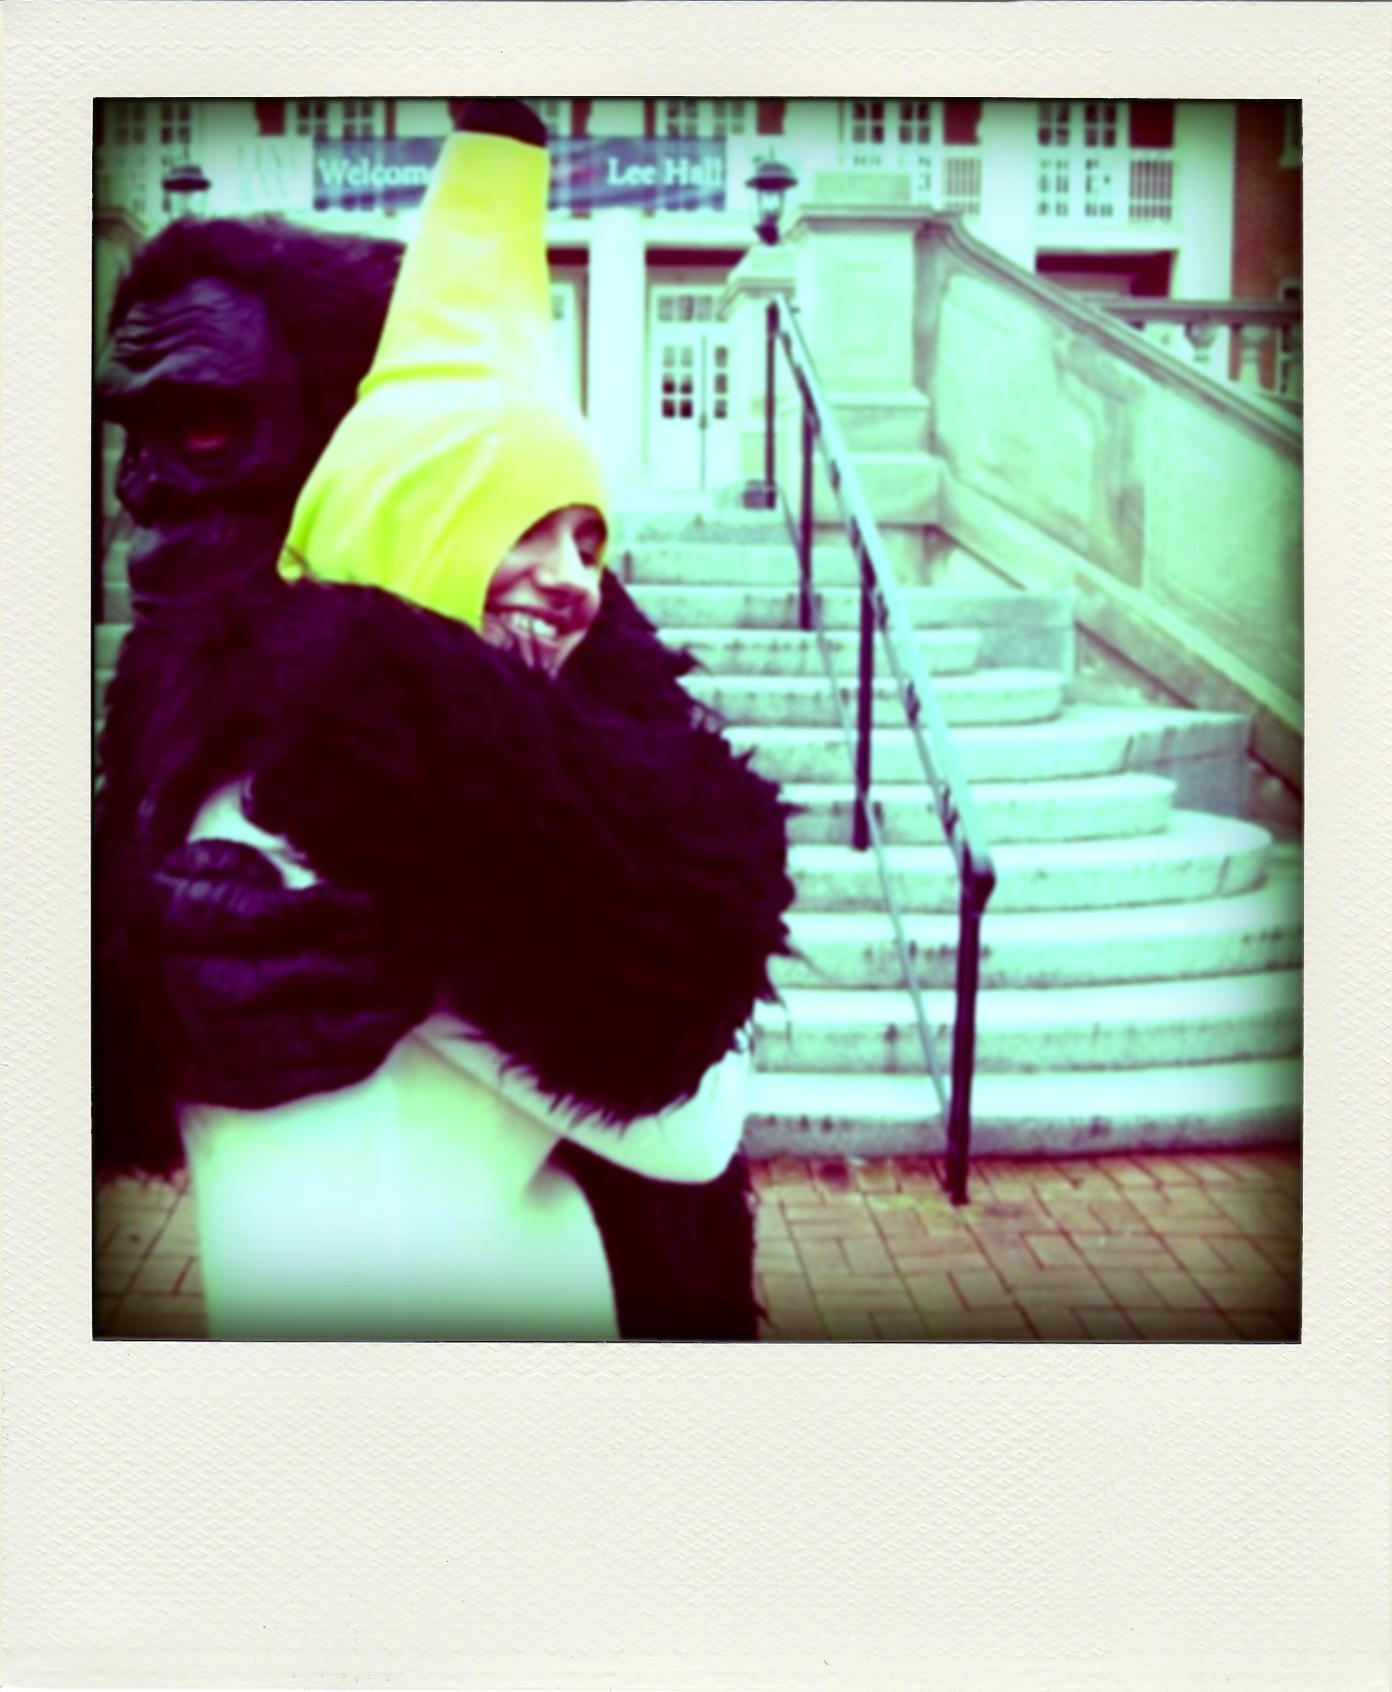 Leanna Isa Banana & Gavin the Gorilla